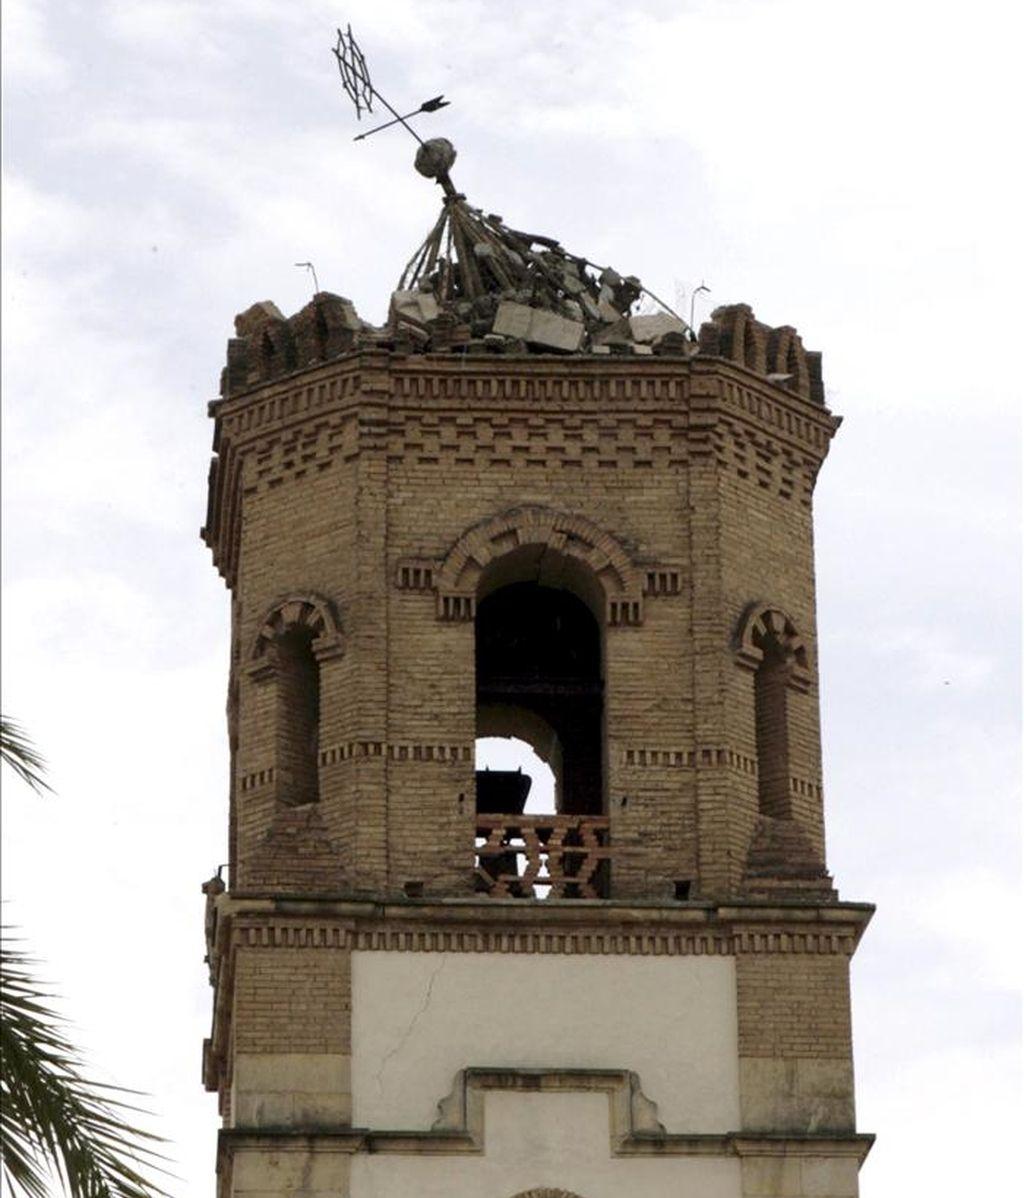 La torre de la iglesia de la Virgen de las Huertas que resultó seriamente dañada a causa del terremoto de 5,1 grados en la escala de Richter que sacudió este miércoles la ciudad de Lorca (sureste español) y en el que nueve personas han muerto y casi 300 han resultado heridas. EFE